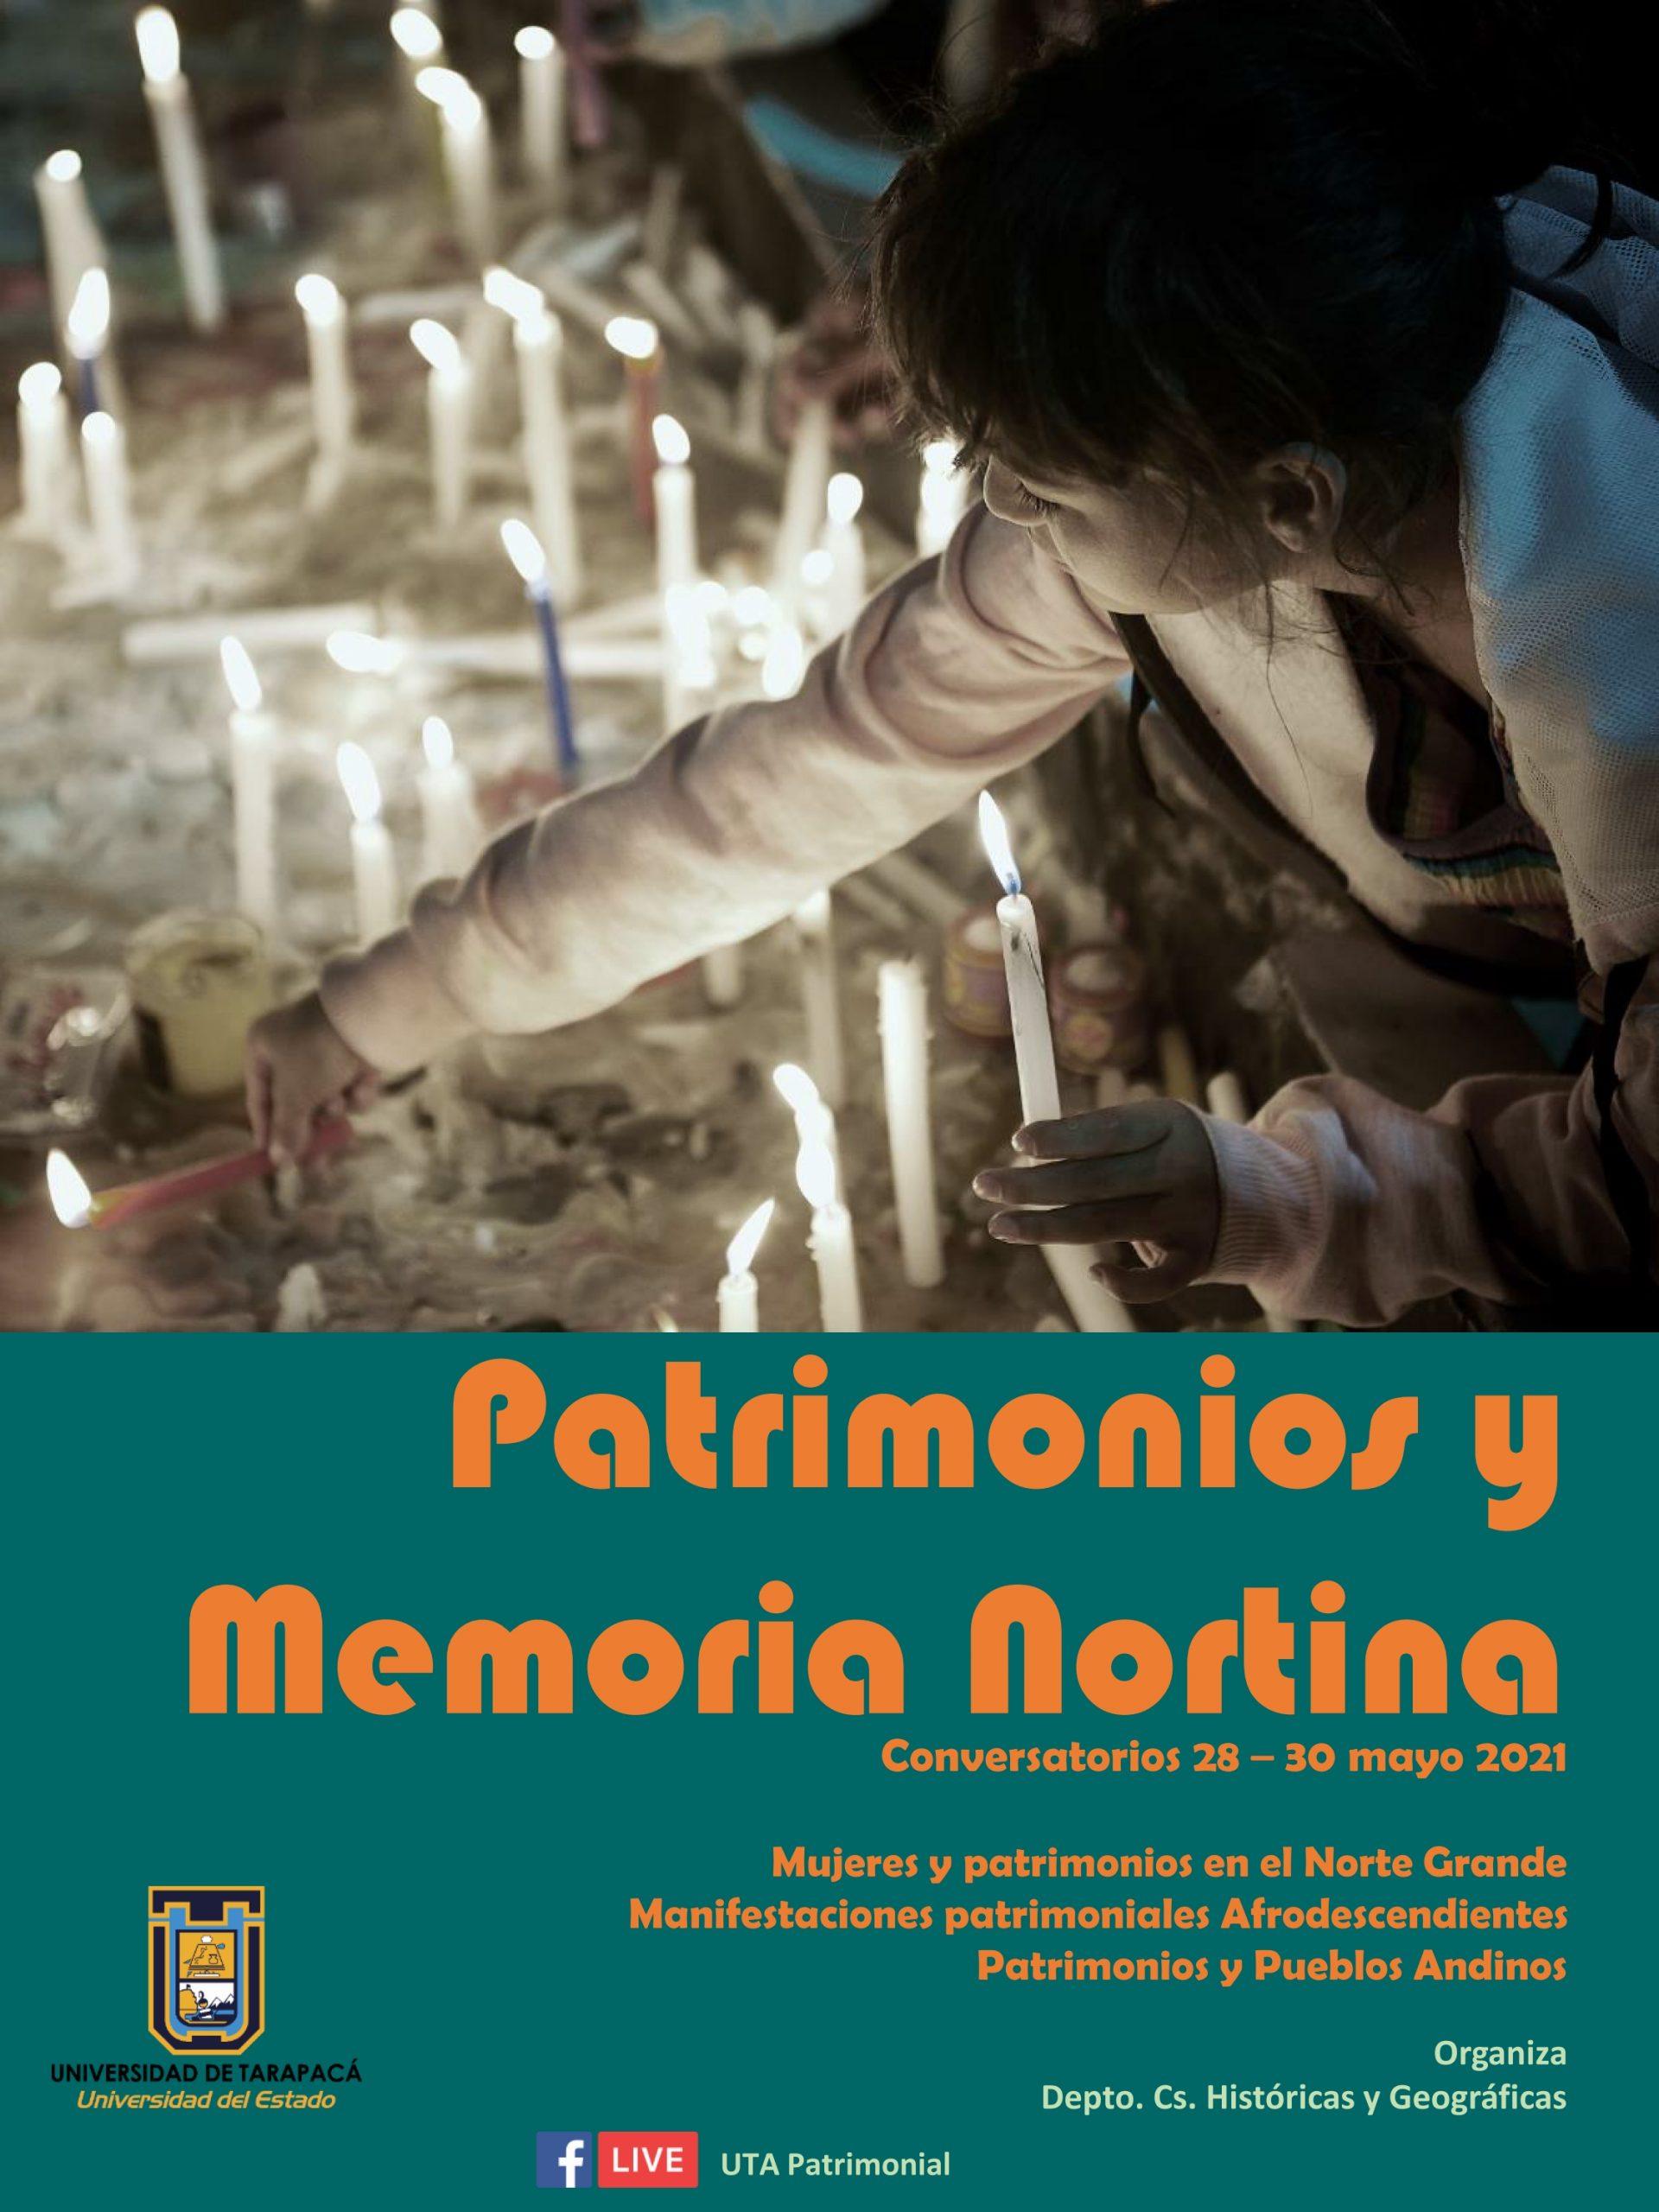 Universidad de Tarapacá: Cultores serán protagonistas del Día del Patrimonio